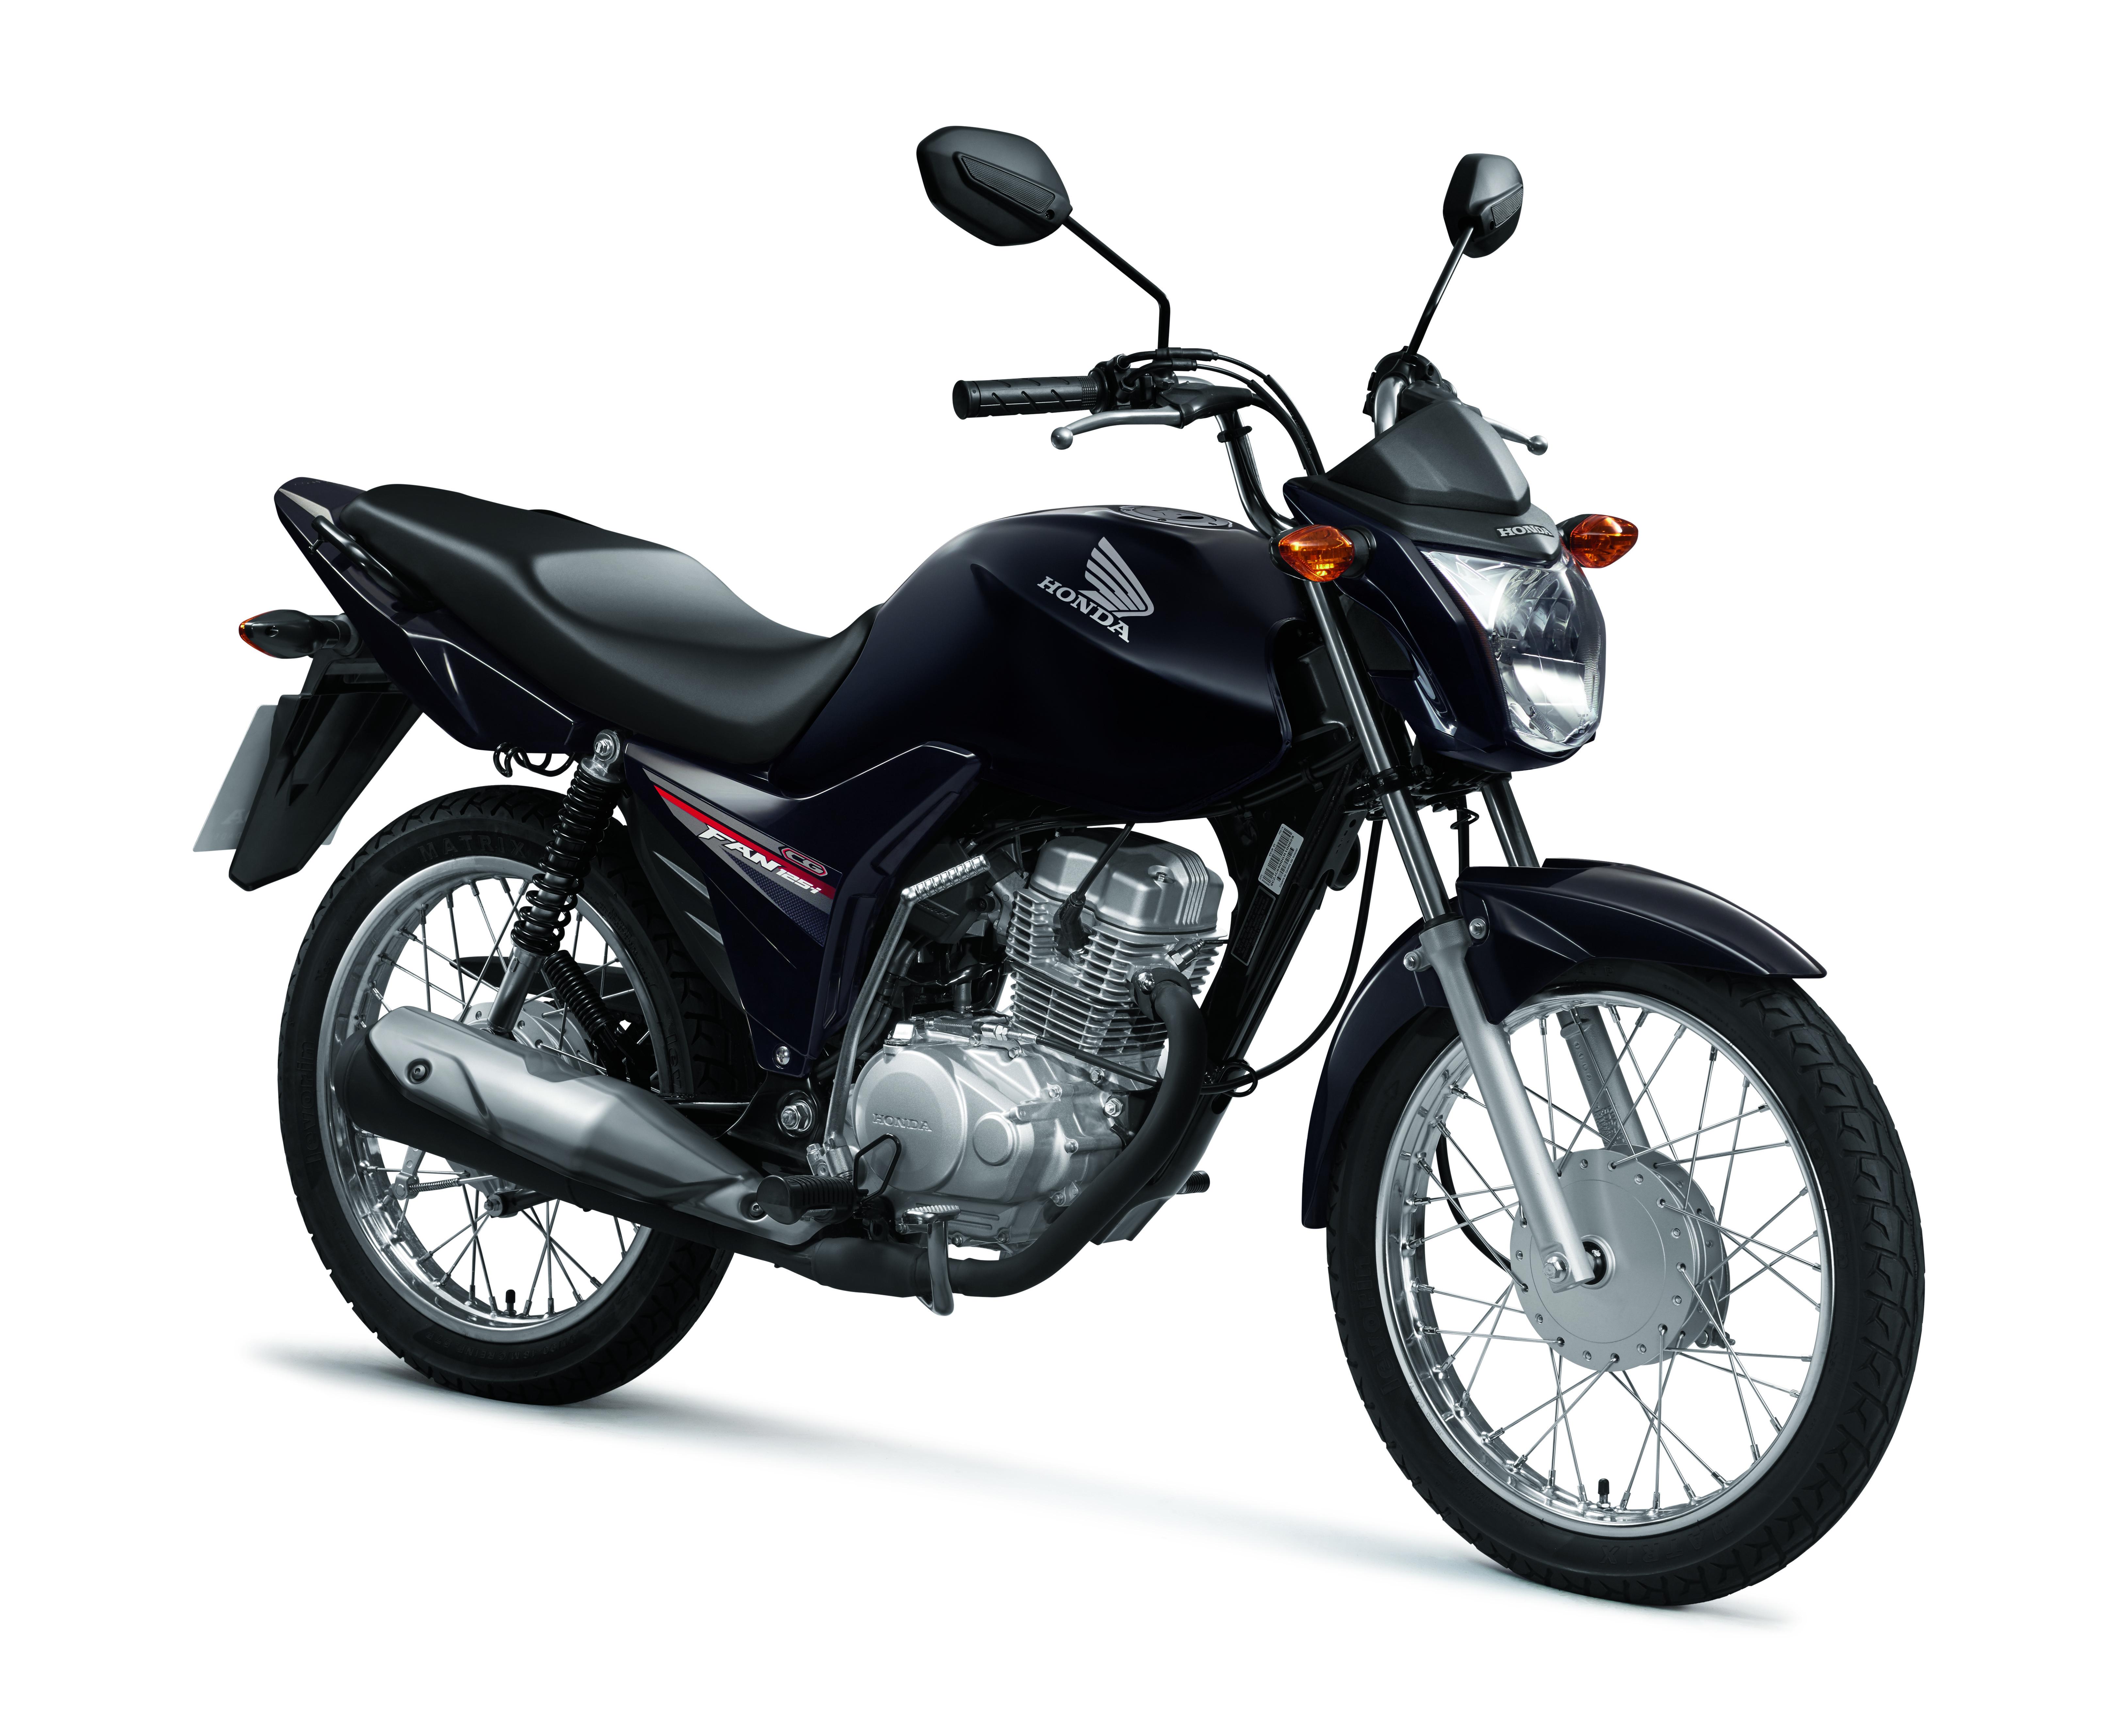 Yamaha Cg